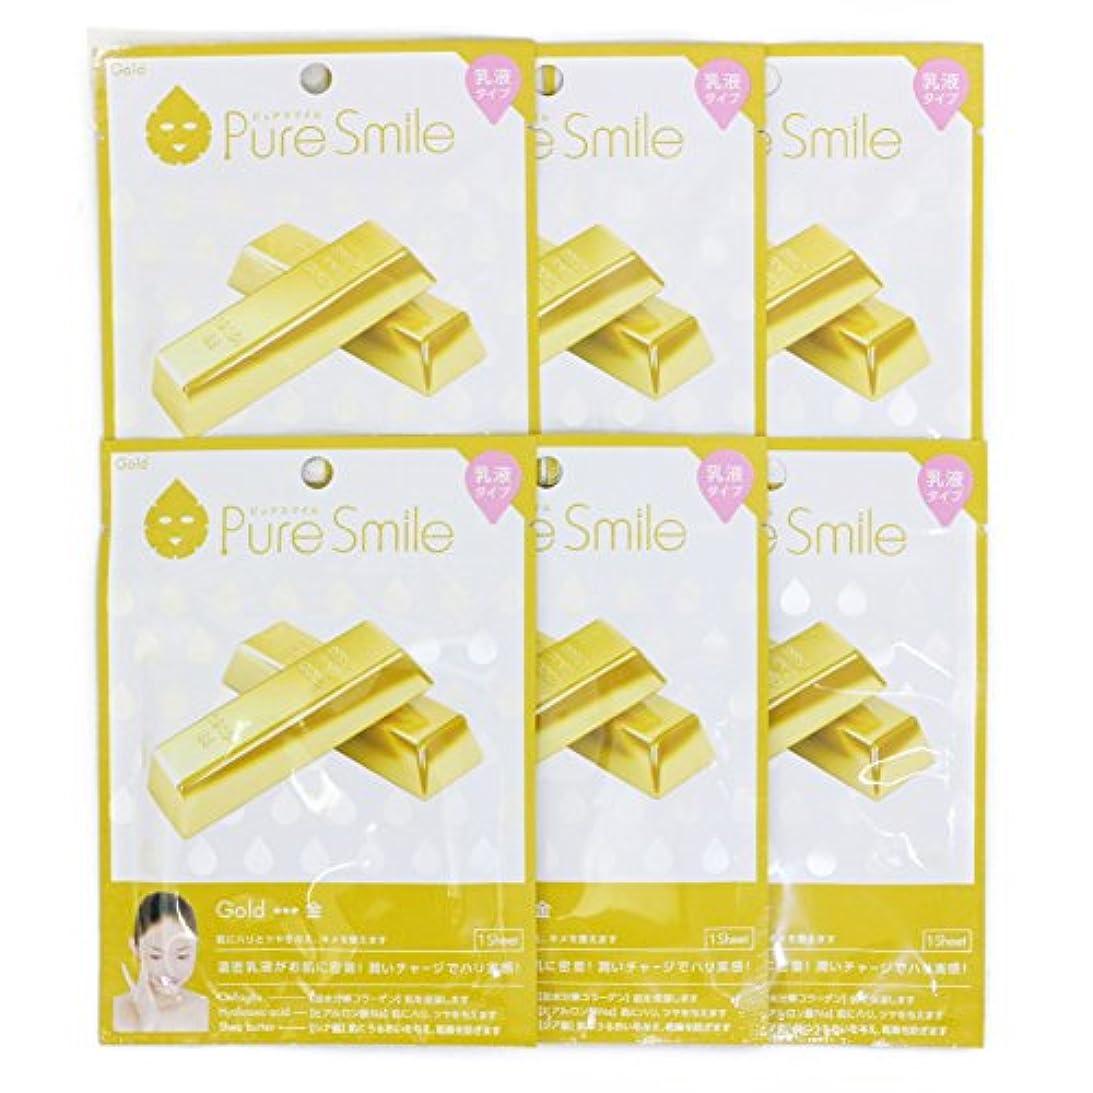 デイジー特派員出発Pure Smile ピュアスマイル 乳液エッセンスマスク 金 6枚セット